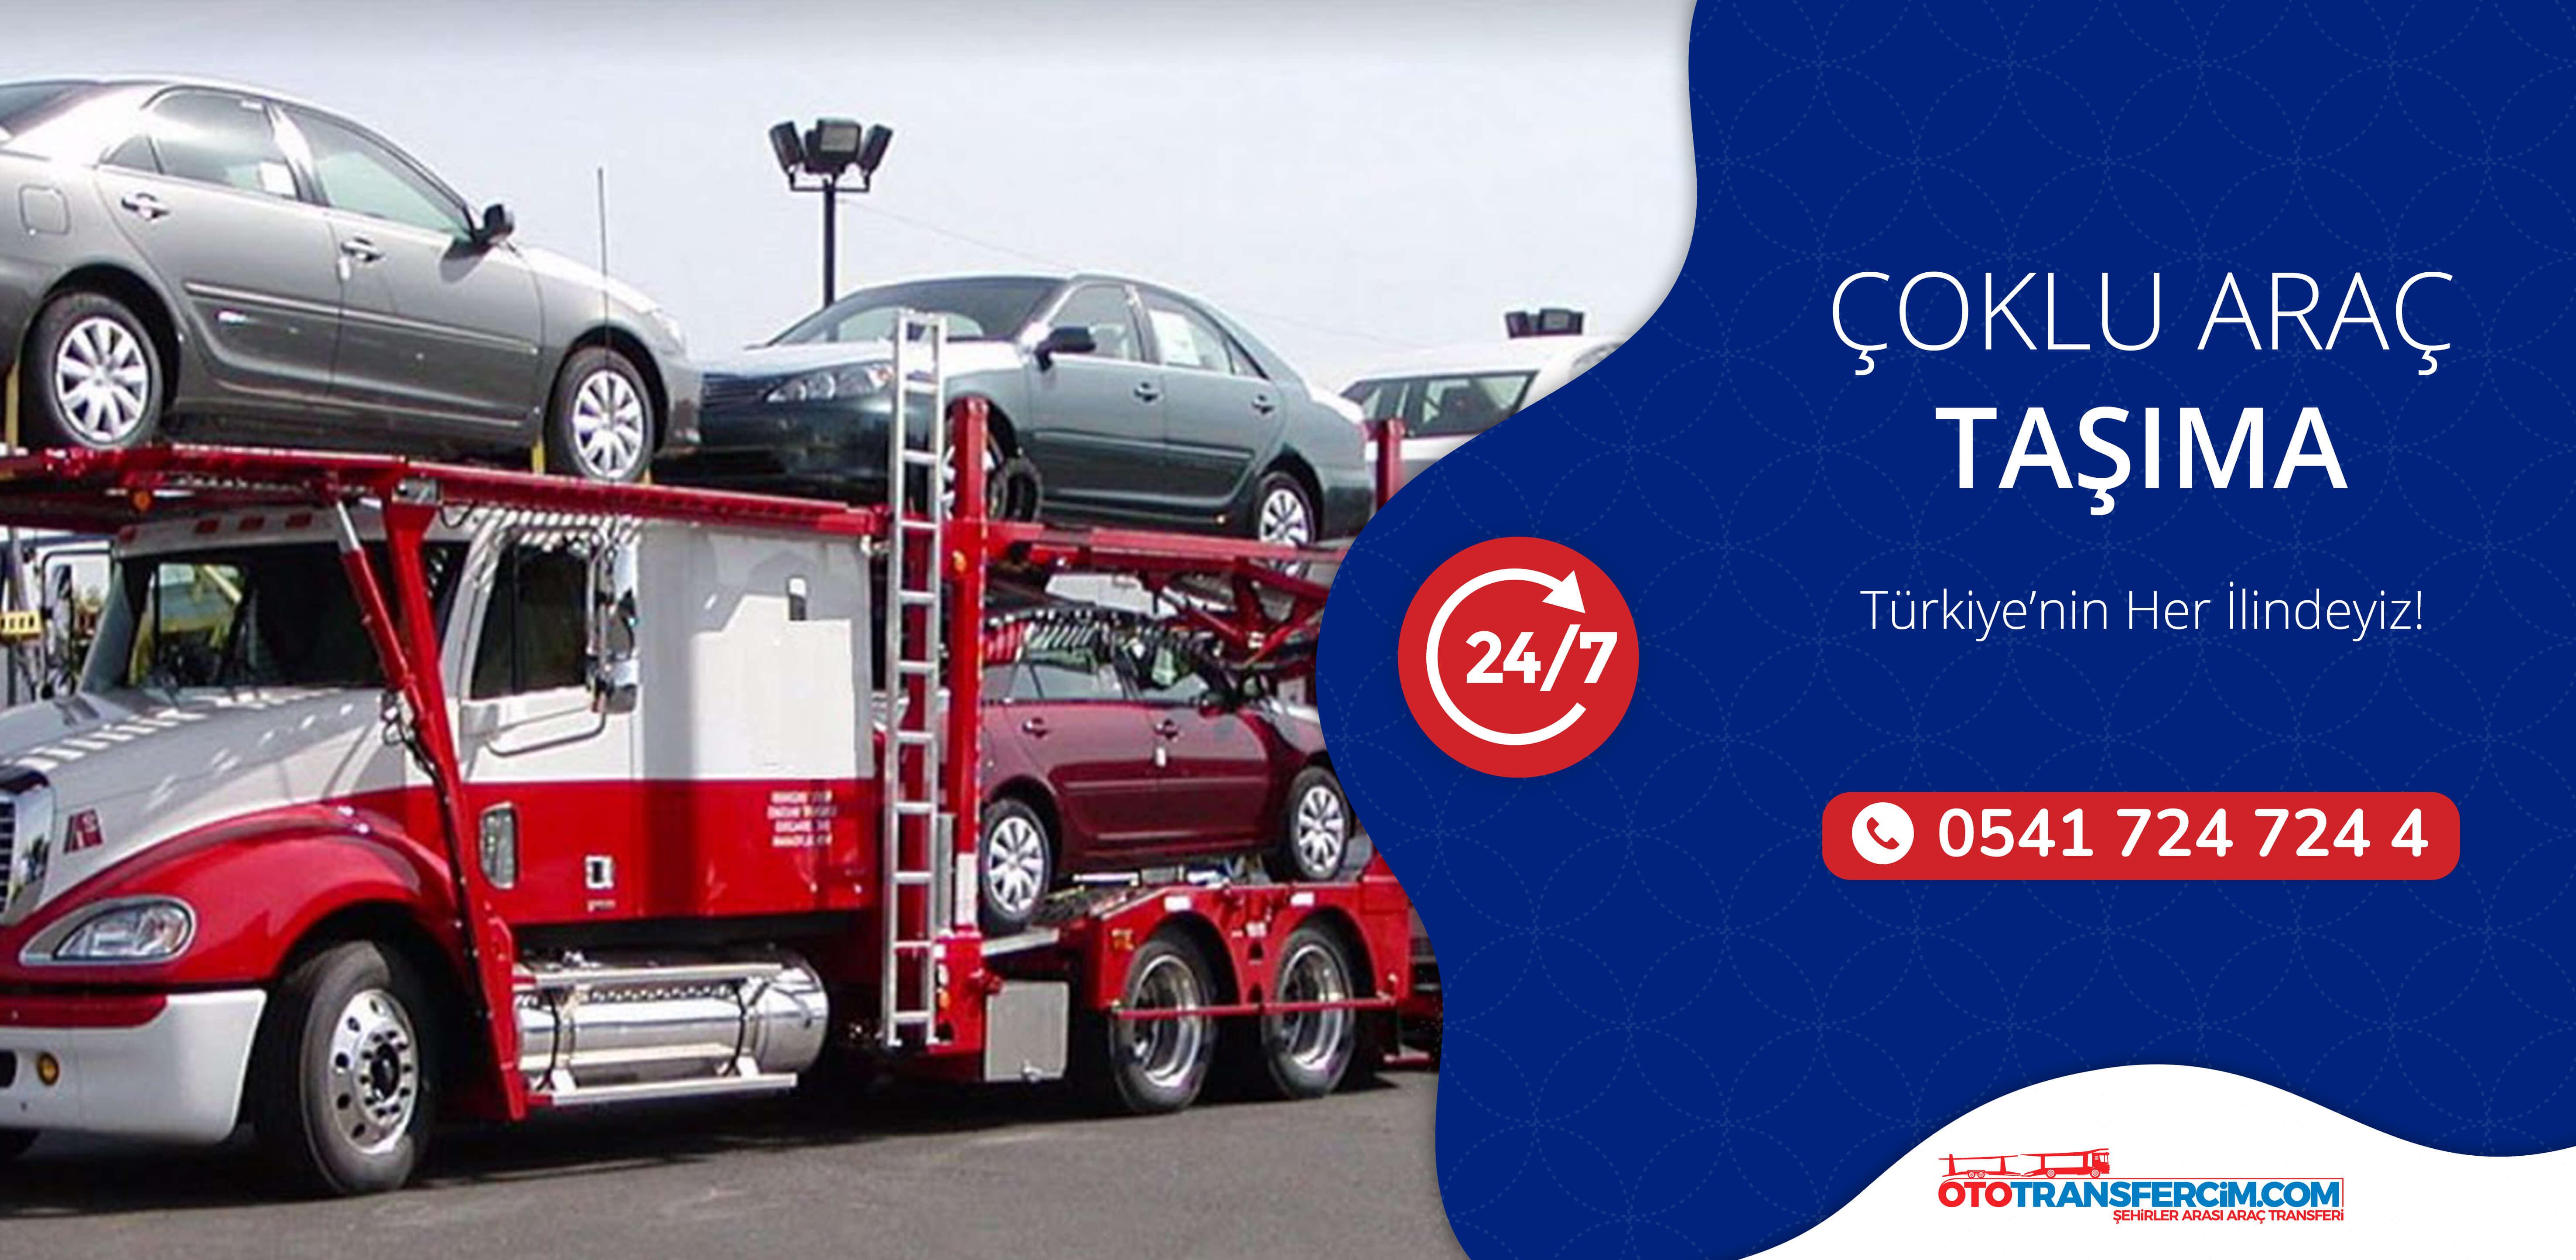 Bodrum - Tunceli Şehirler Arası Oto Çekici Çoklu Araç Taşıma semtinin neresinde olursanız olun! Yolda kaldığınız da 0541 724 724 4 nolu telefondan bize ulaşın, Bodrum - Tunceli Şehirler Arası Oto Çekici Çoklu Araç Taşıma Çekicimizi hemen yönlendirelim